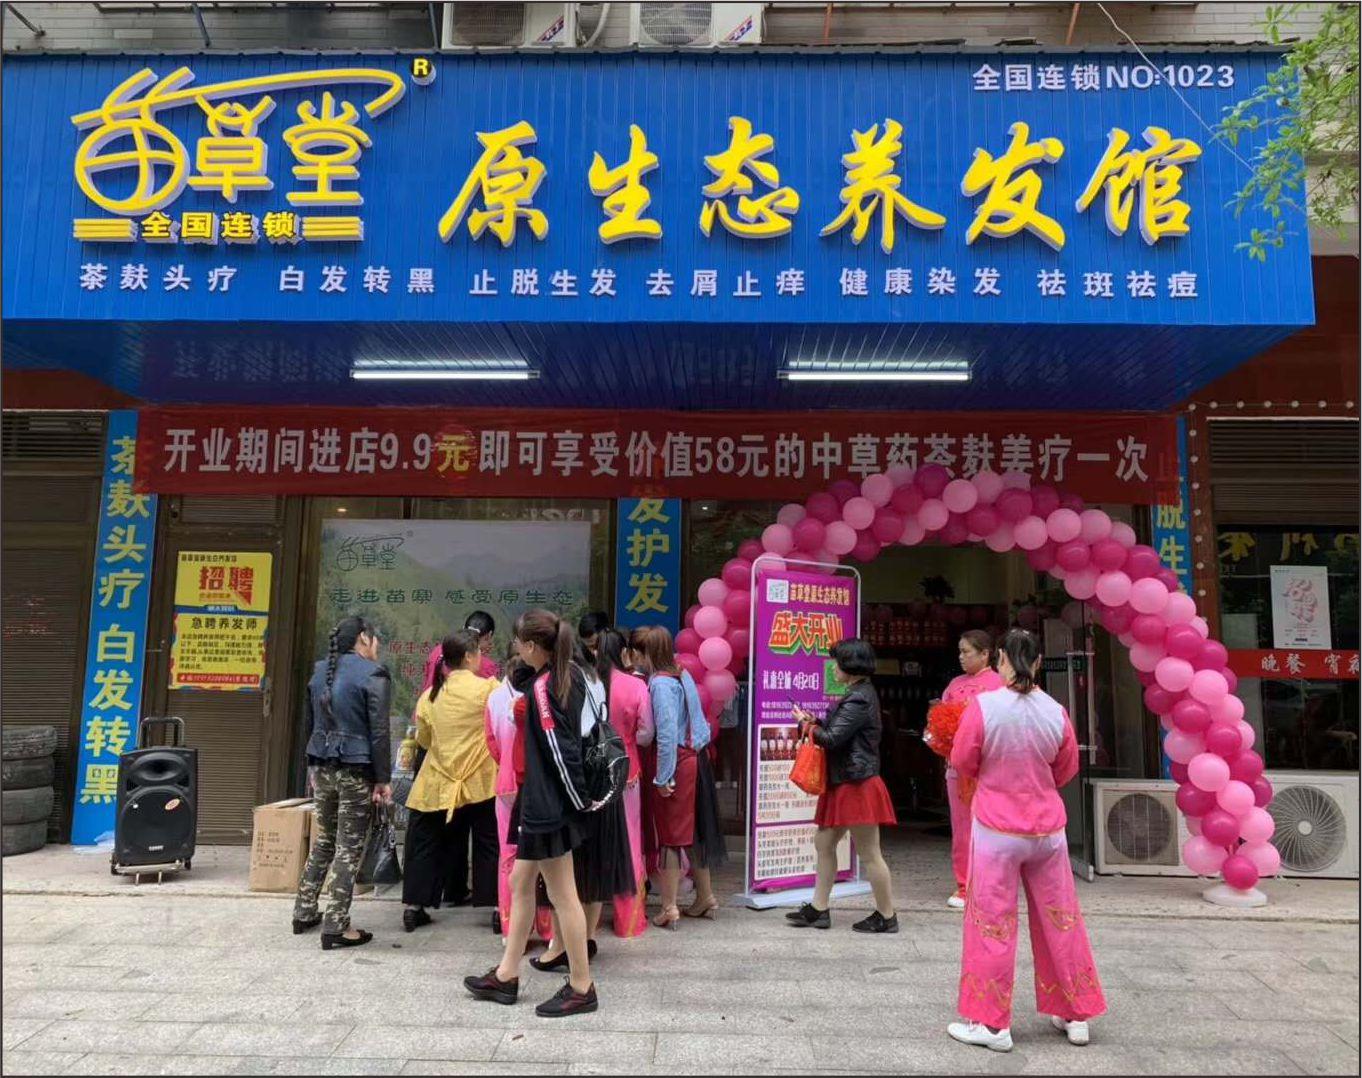 湘潭王姐旗下店1023